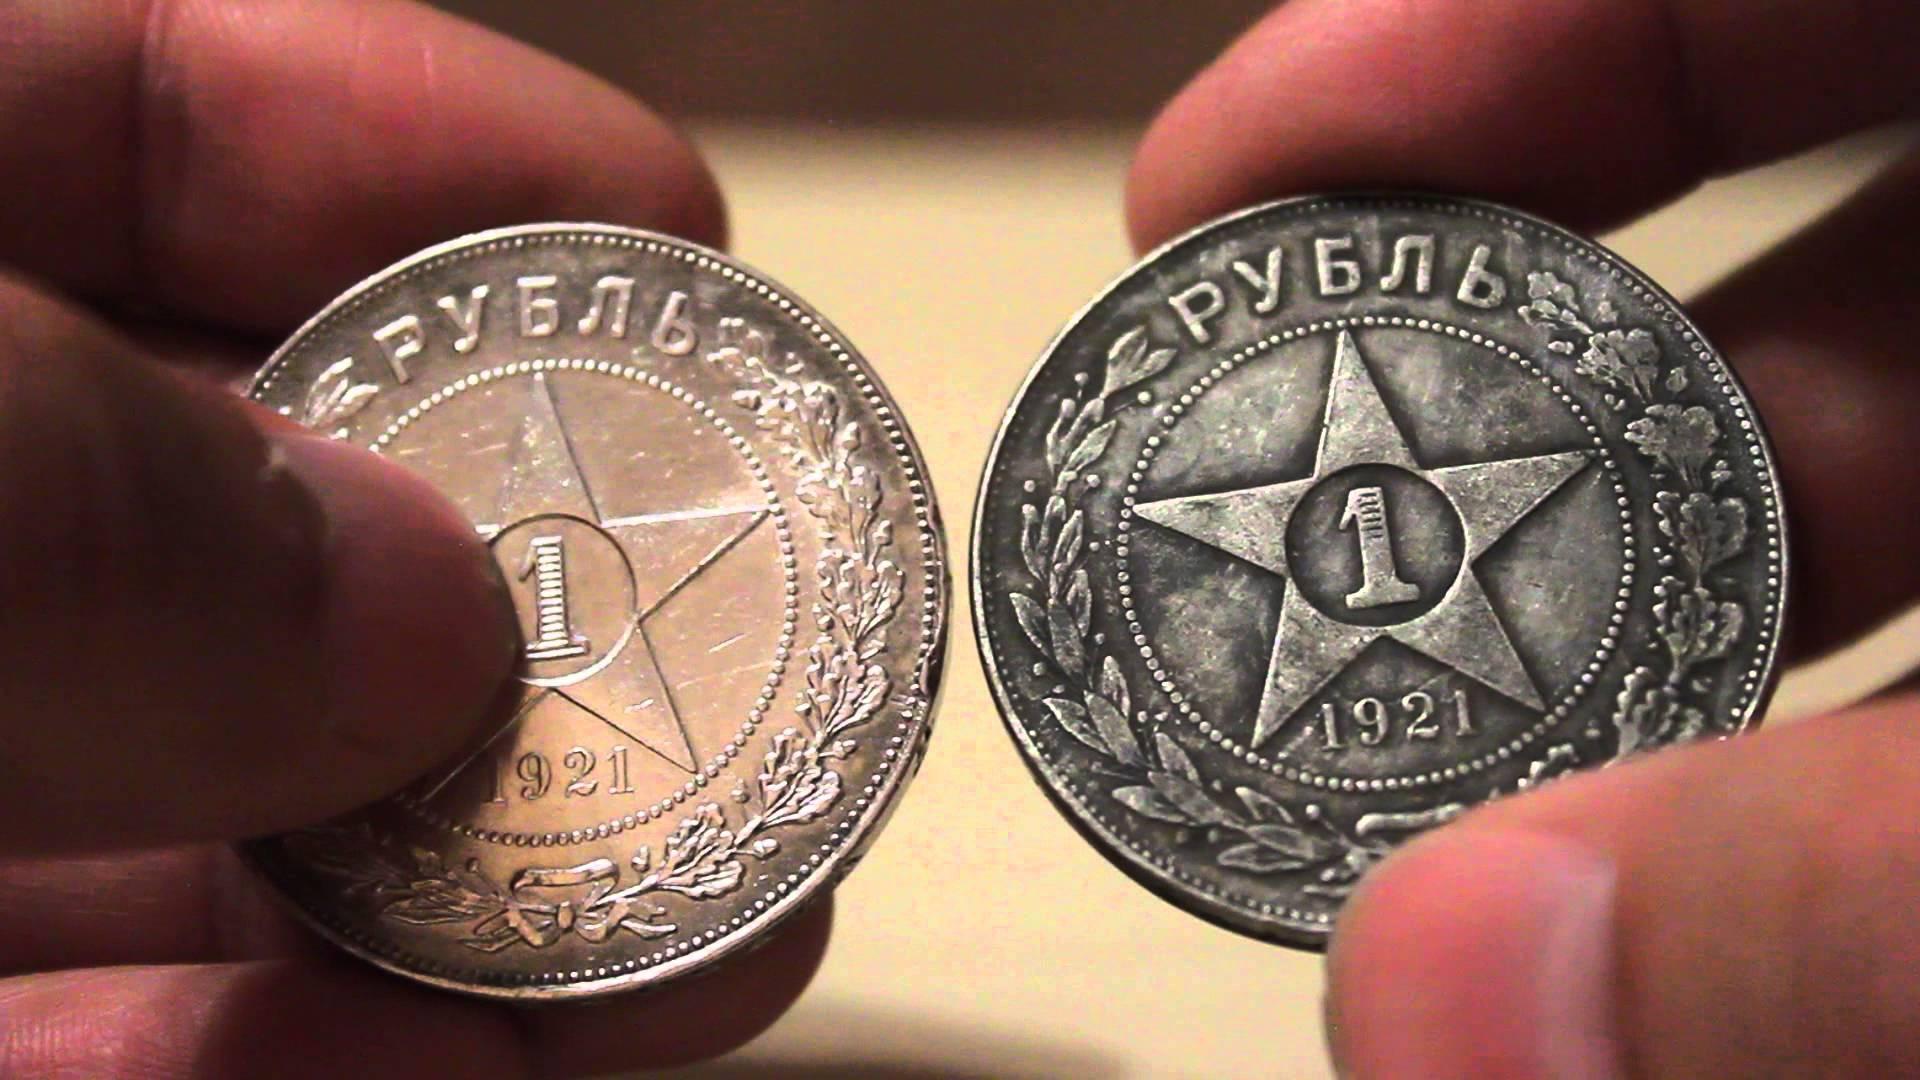 Как проверить подлинность серебряной монеты в домашних условиях и чем